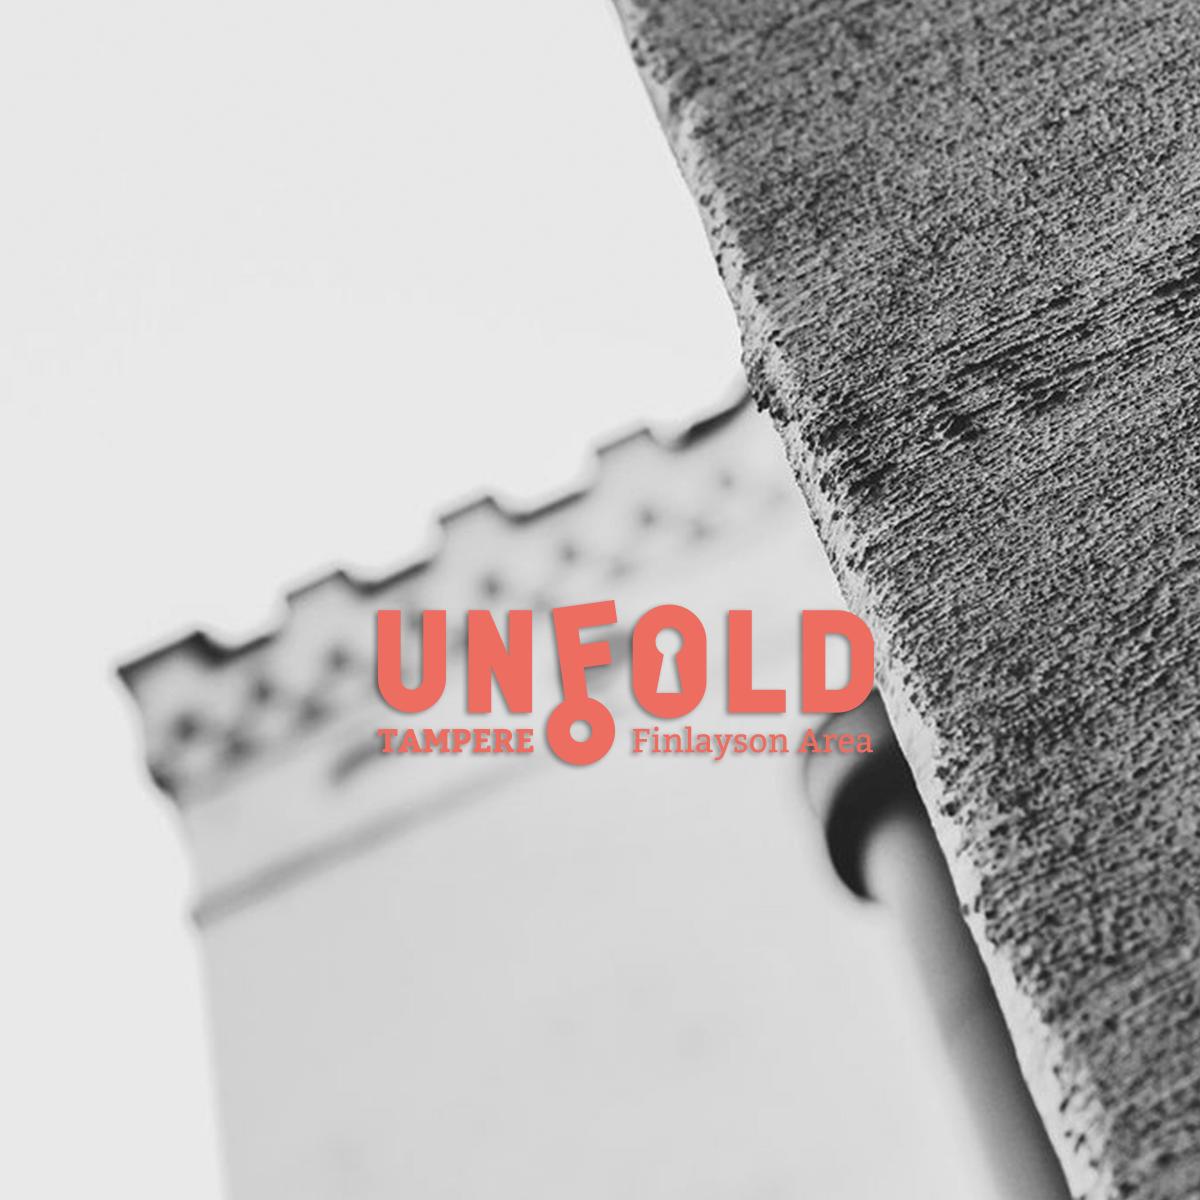 Unfold-seikkailupeli